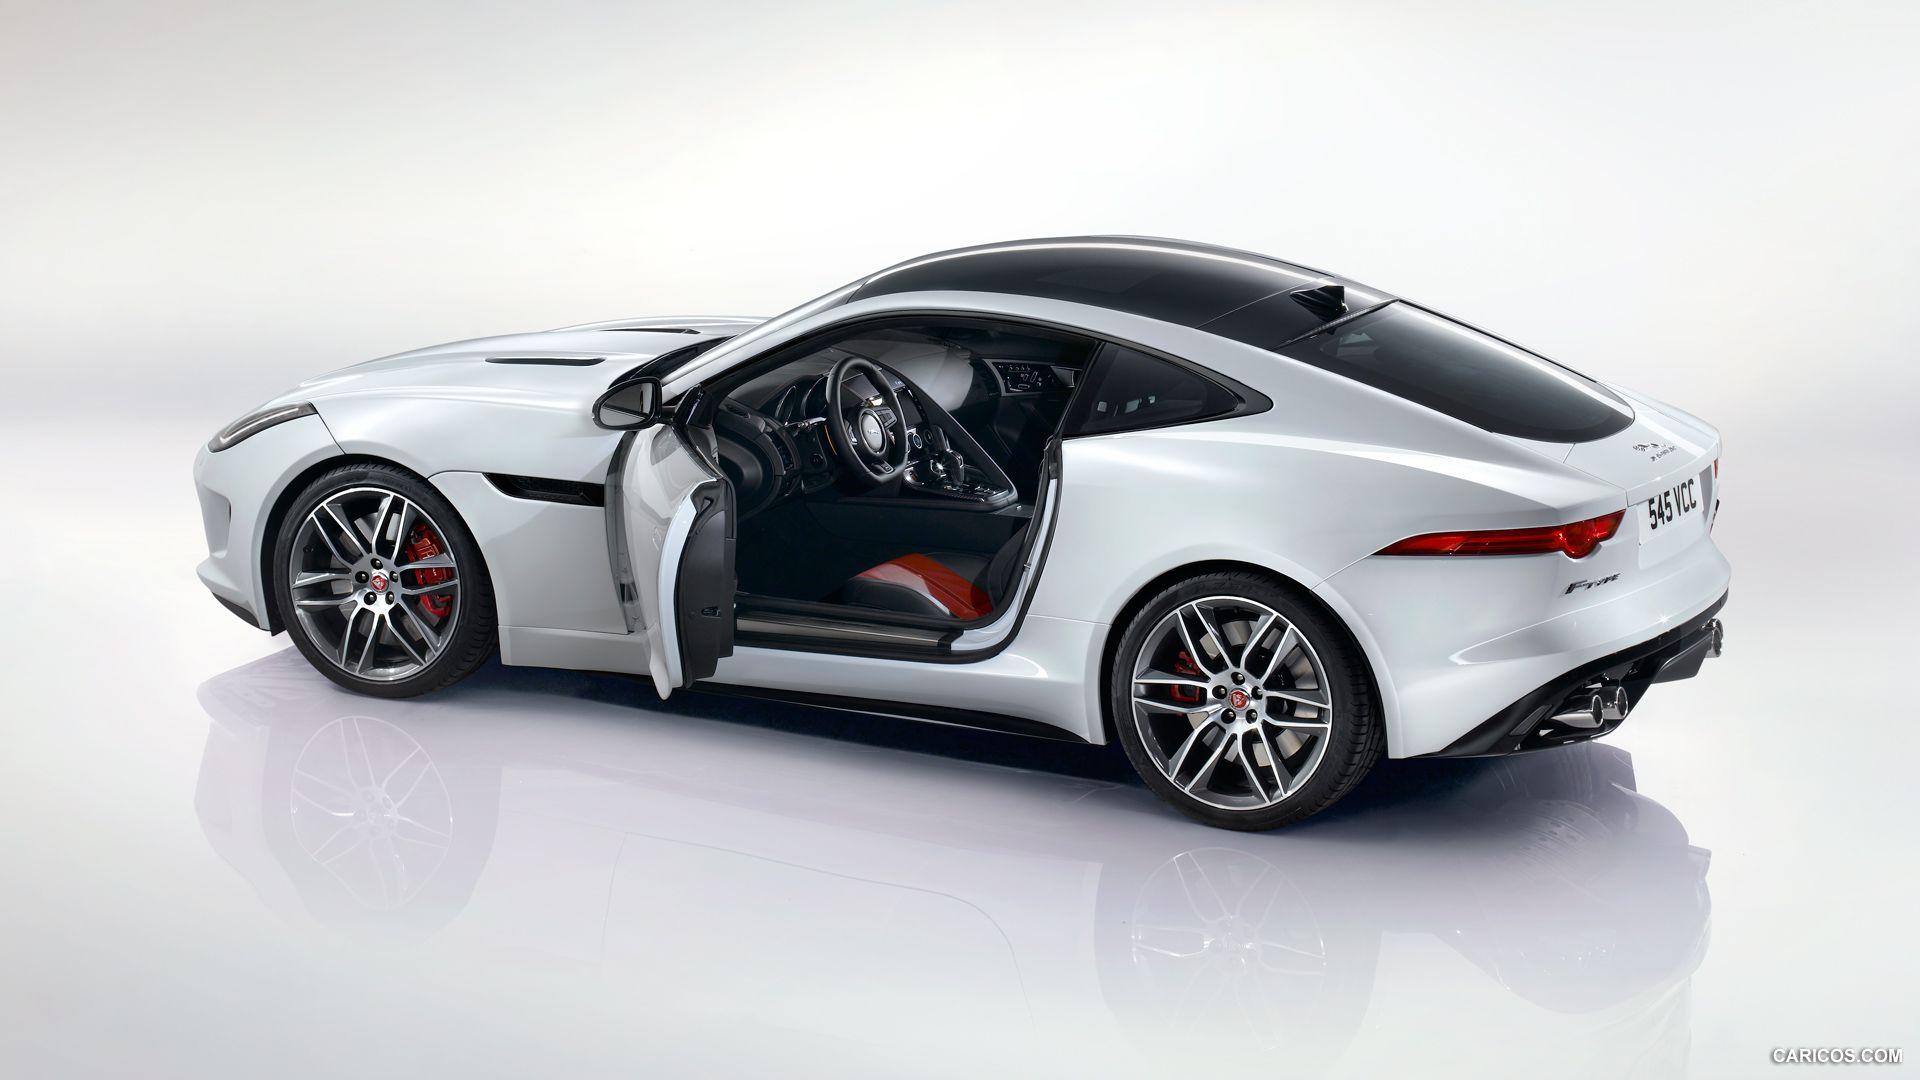 Pin By Sue Vogel On Engine Cars Jaguar F Type New Jaguar F Type Jaguar